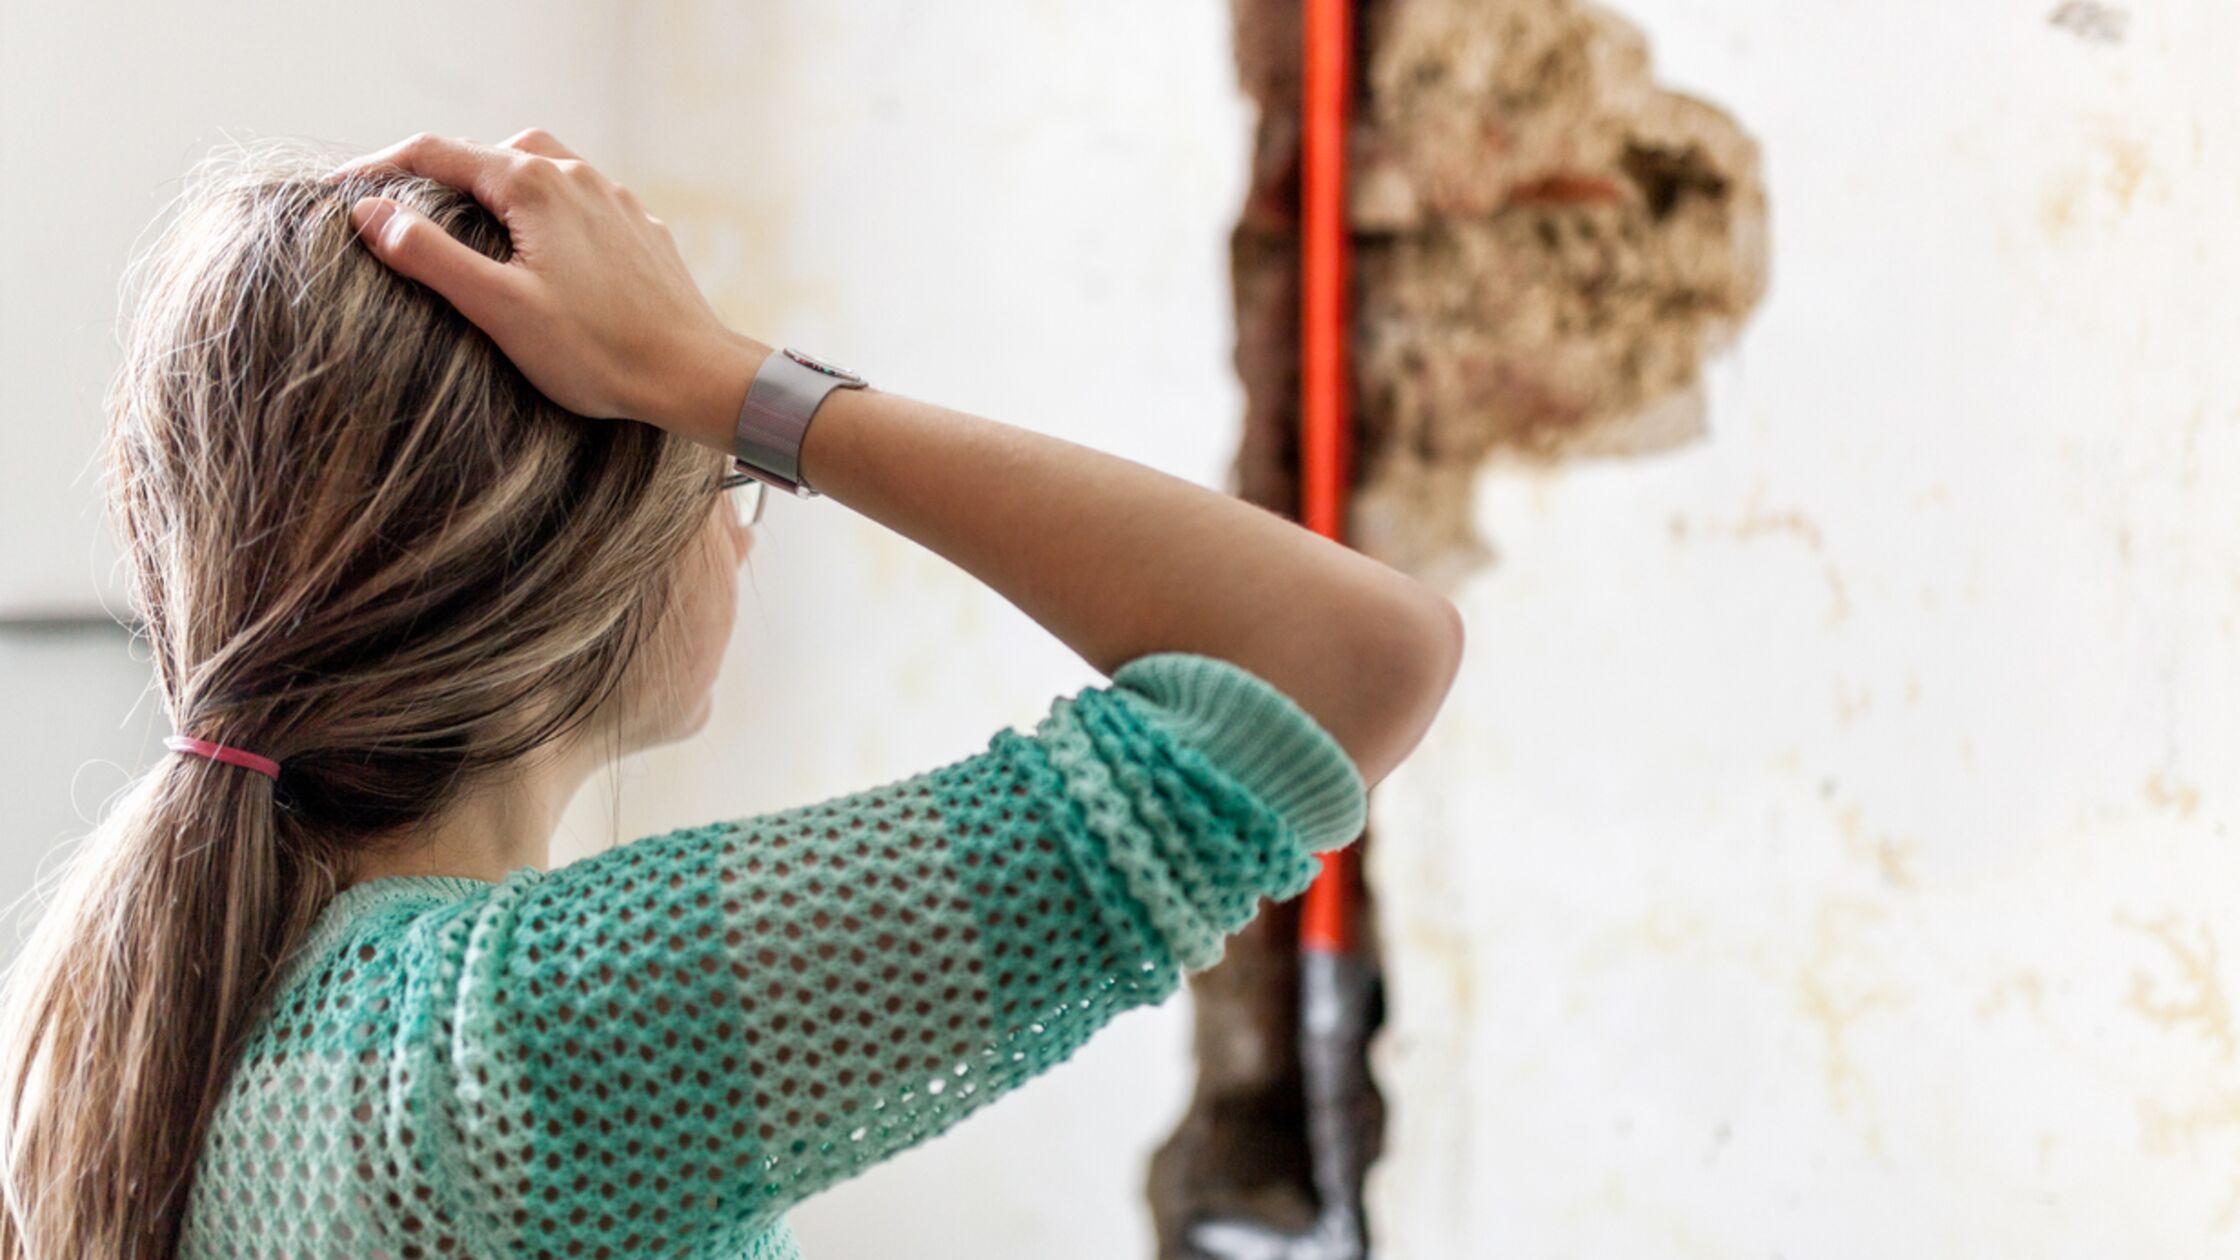 Frau vor beschädigter Wand